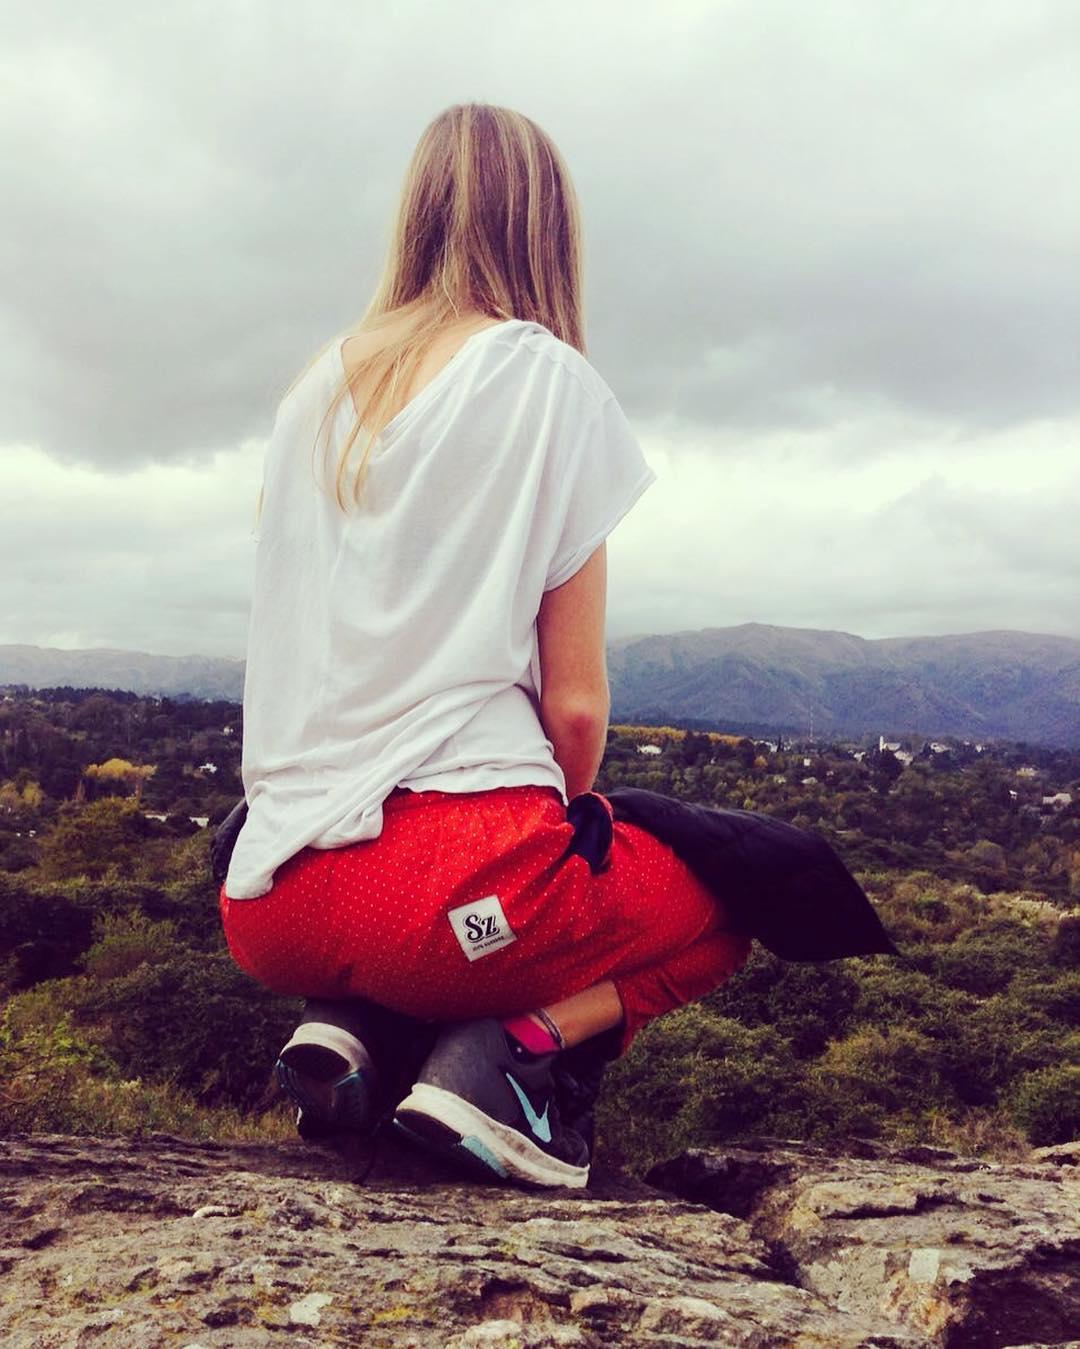 Cerrando el finde on the top of the world #Sierras #Cordoba #LifeSztyle #DomingosConOnda